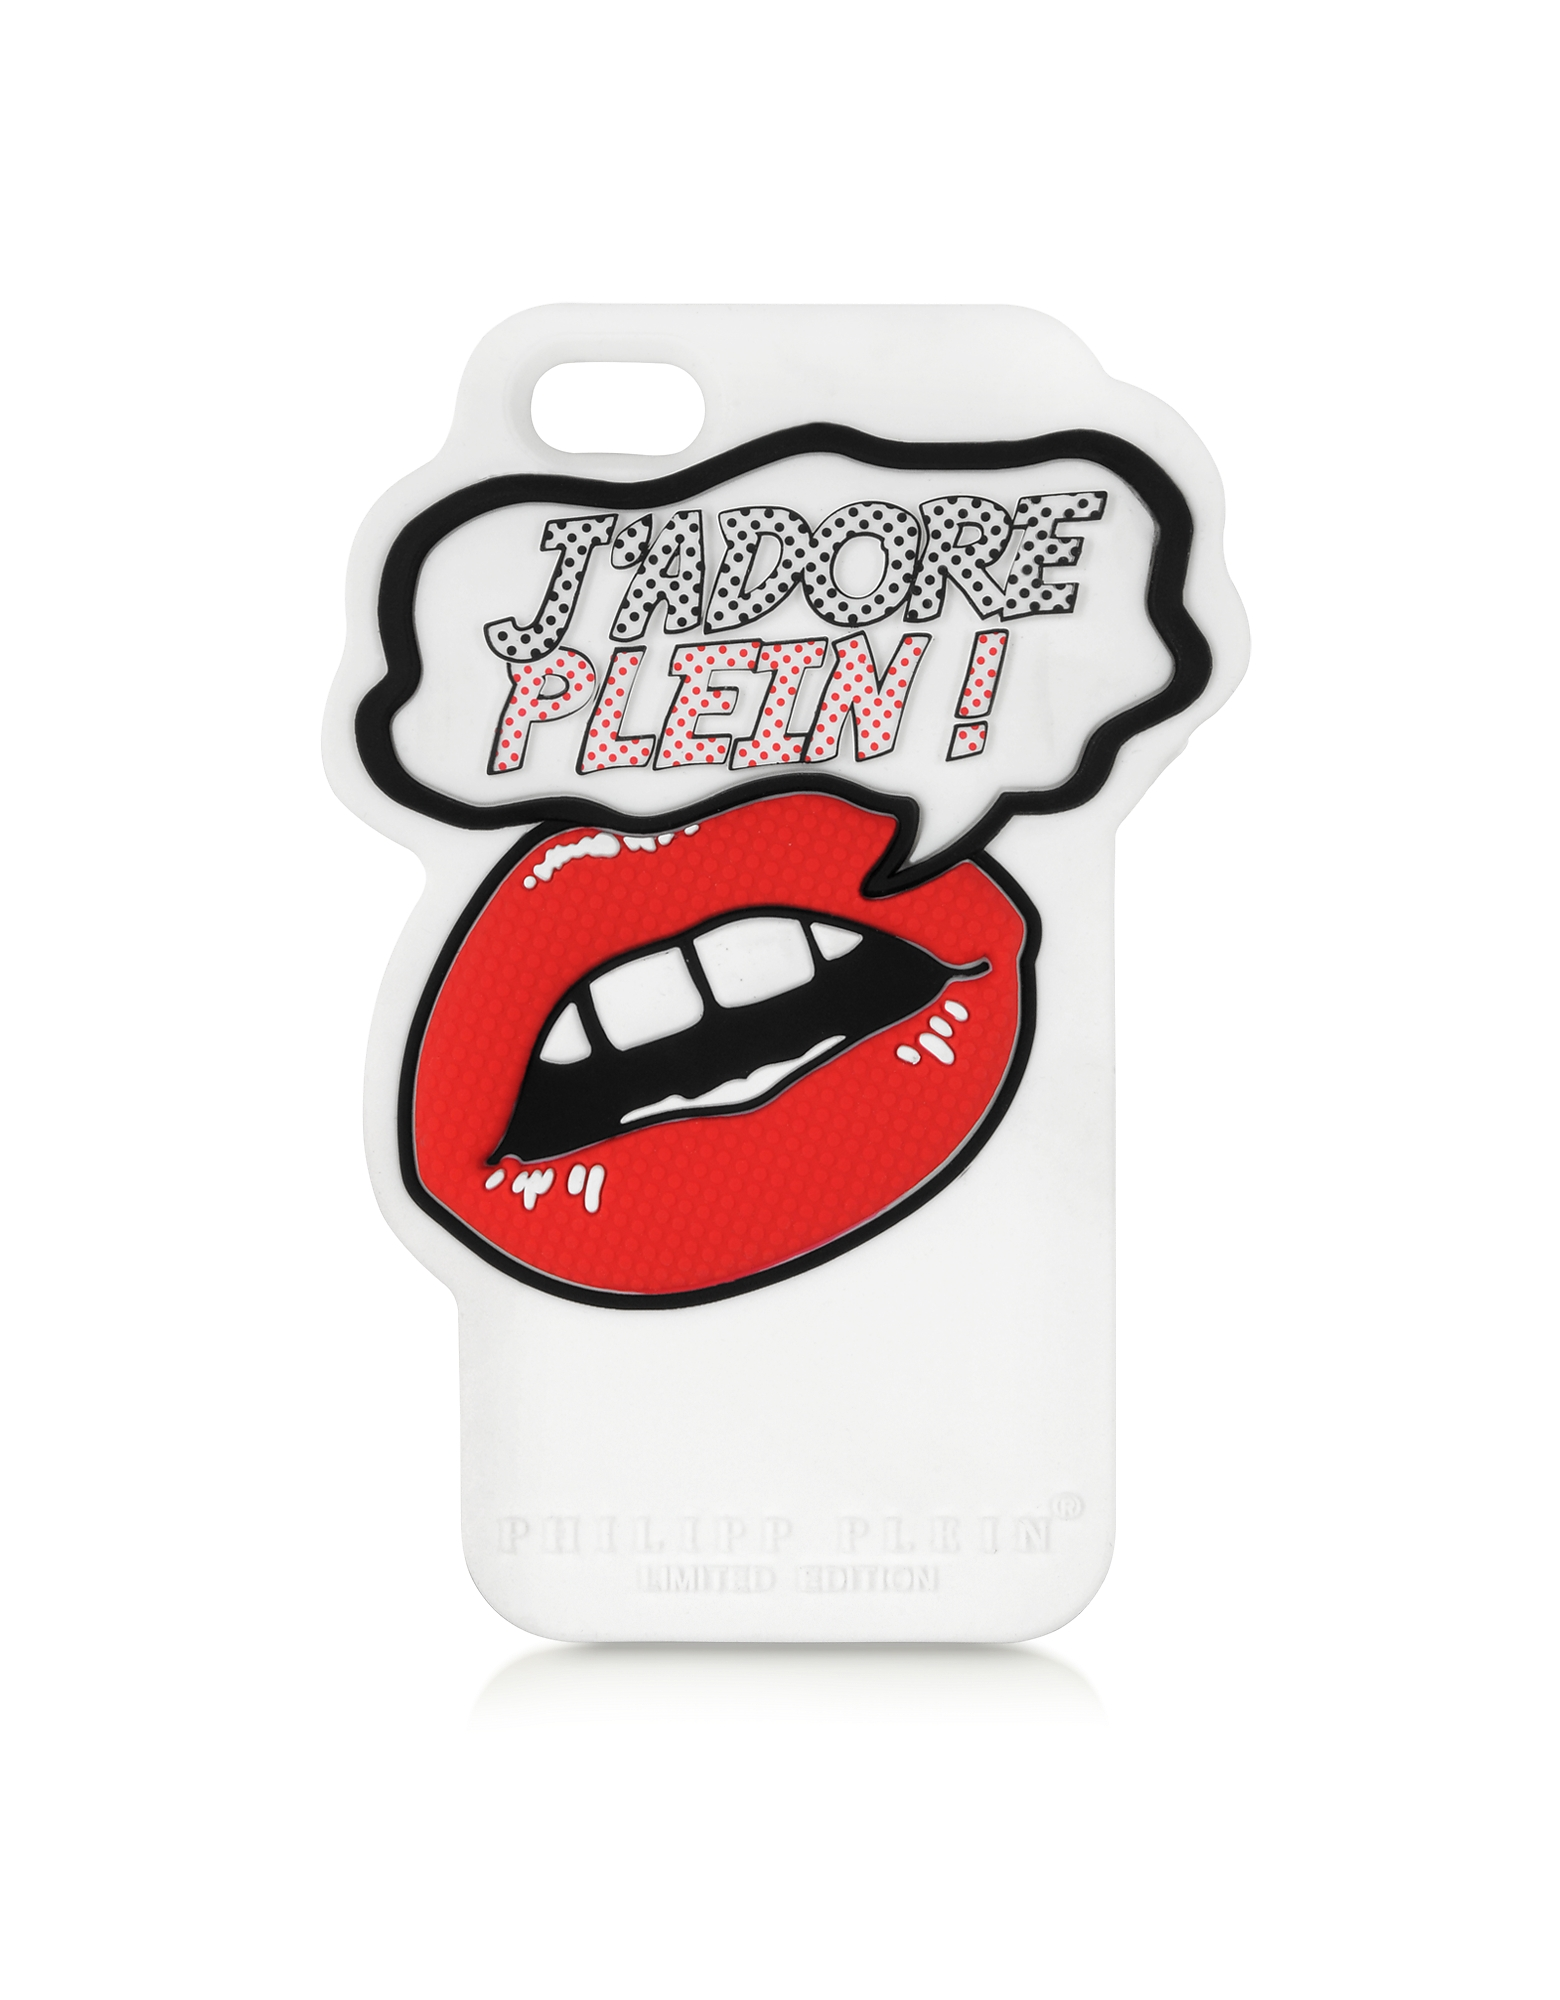 Philipp Plein Designer Handbags,  J'adore Plein Rubber iPhone 5 Cover